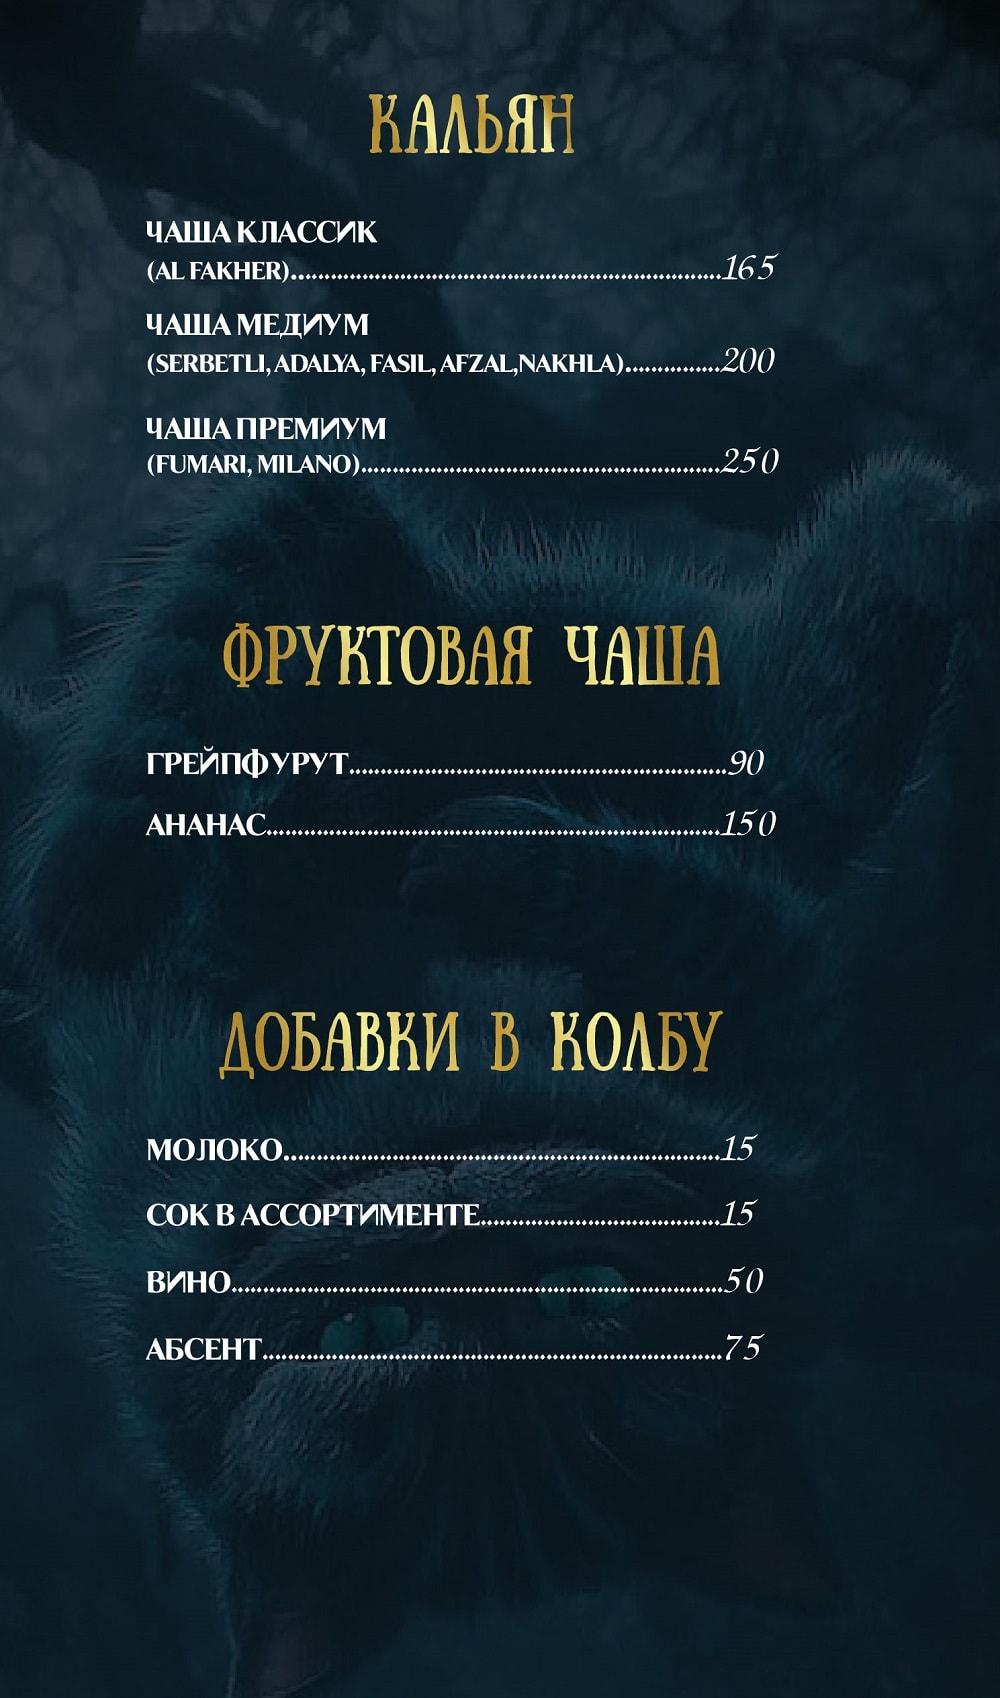 Кальян меню Смоклэнд